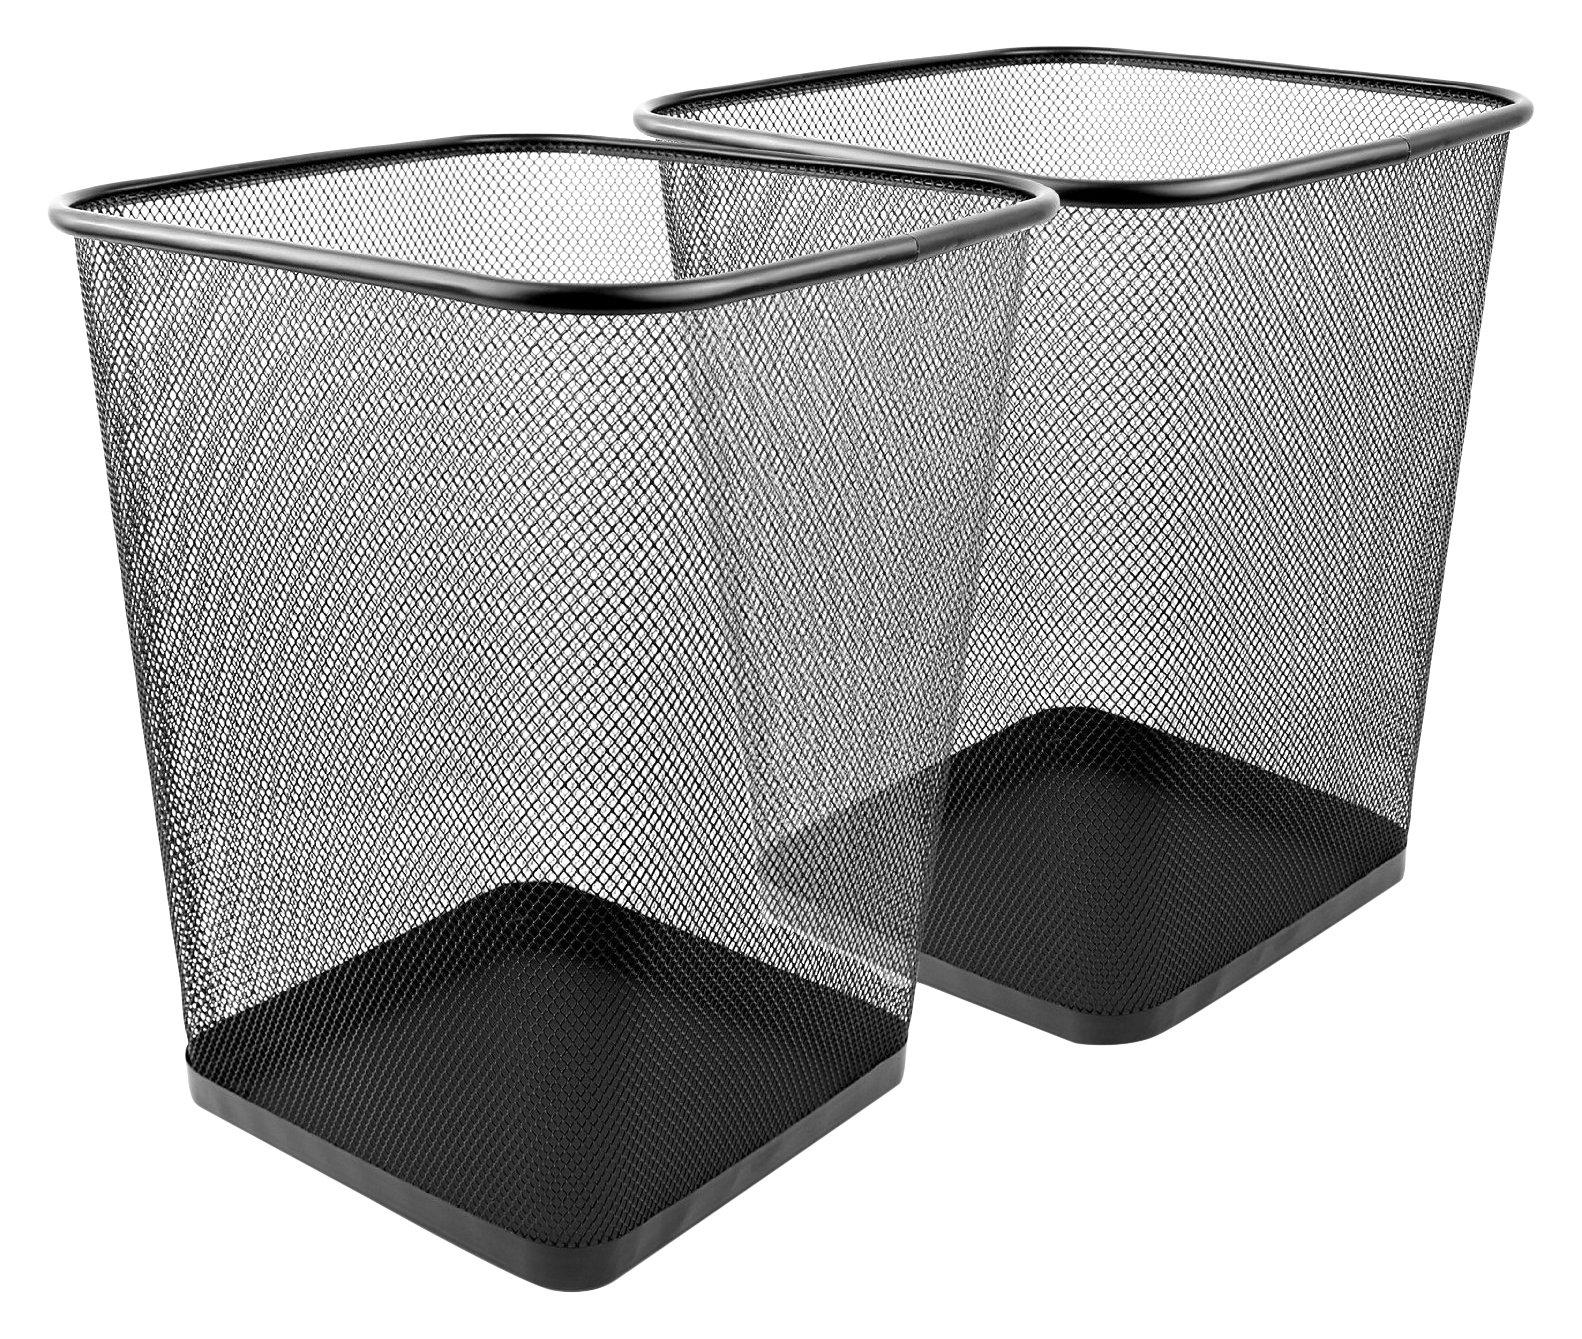 Greenco Mesh Wastebasket Trash Can, Square, 6 Gallon, Black, 2 Pack by Greenco